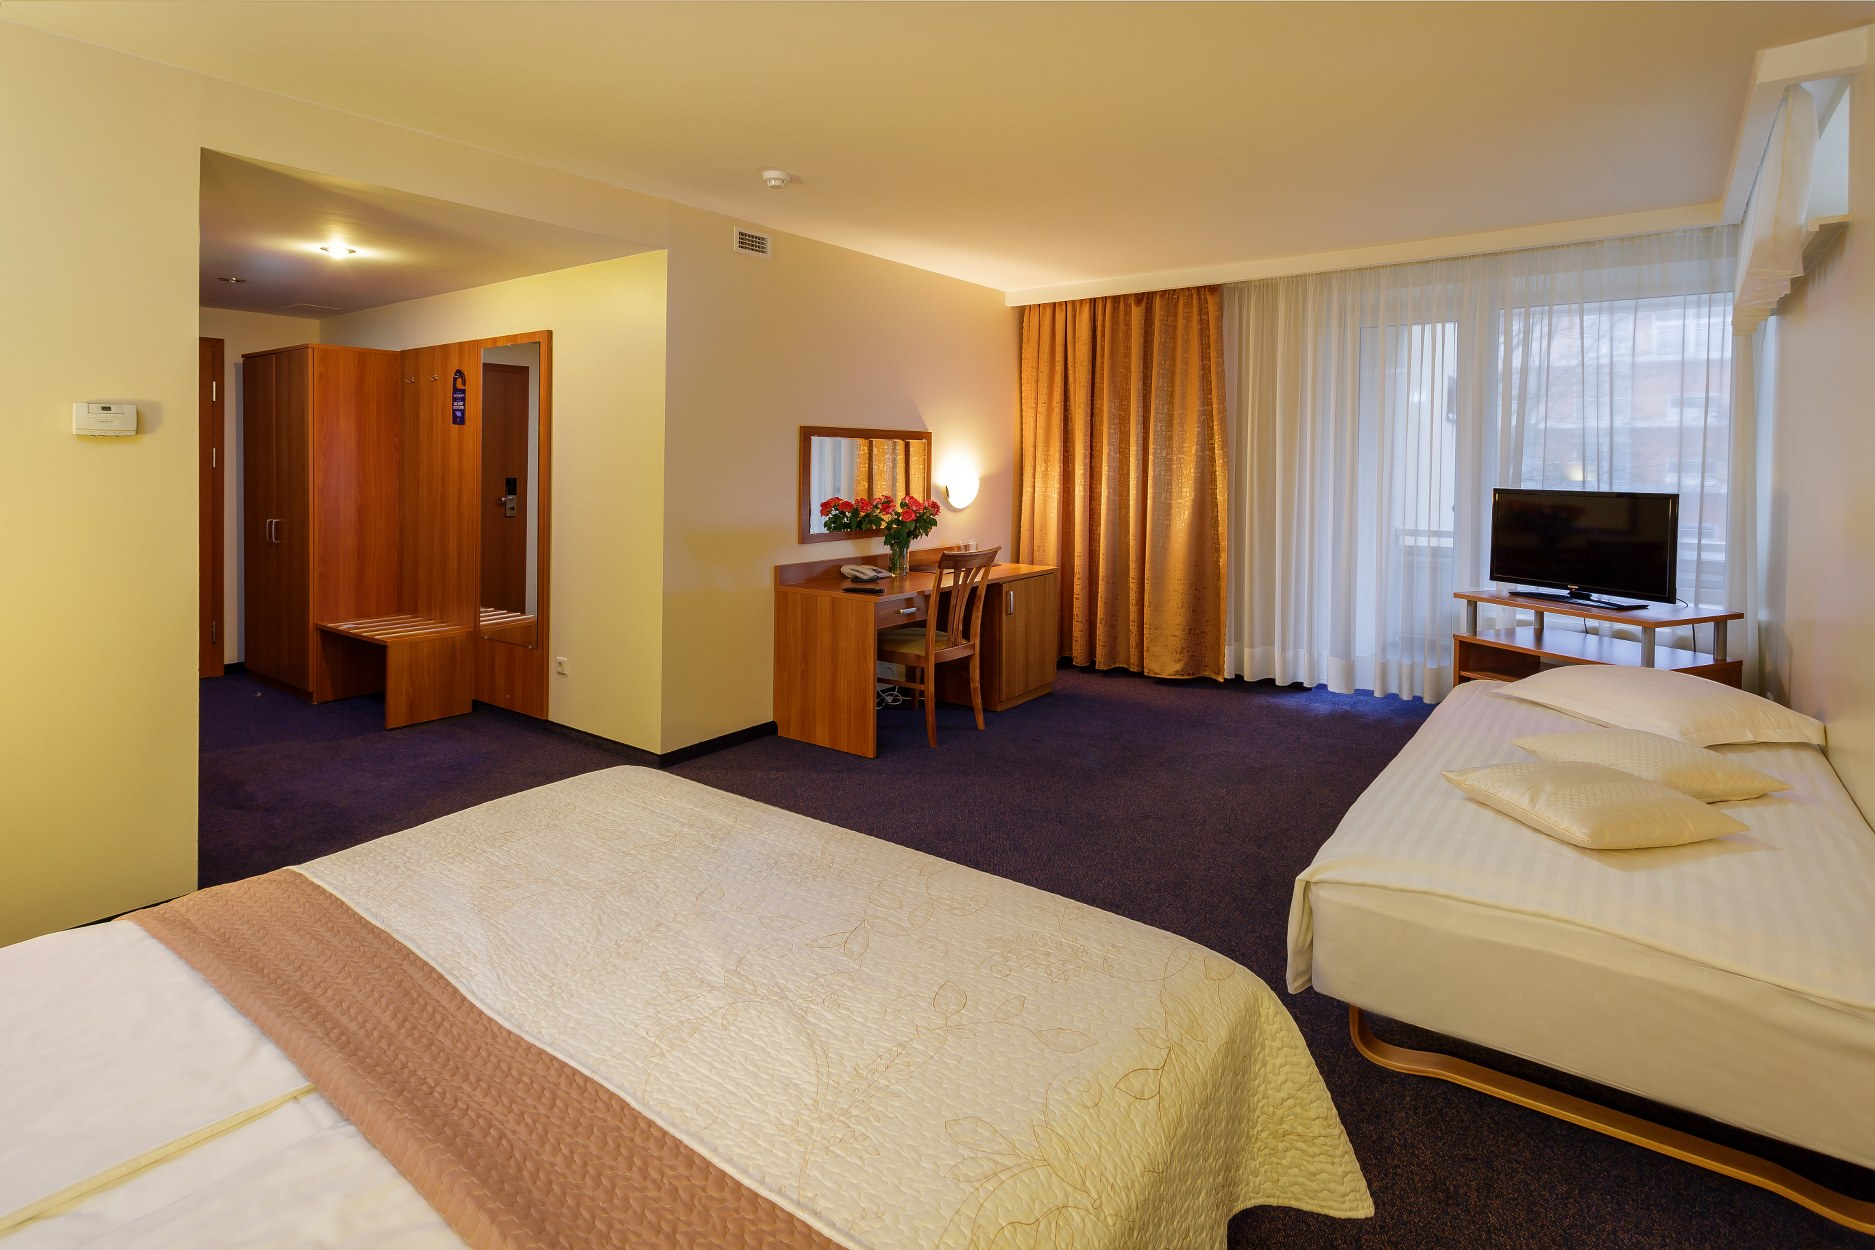 Фото отеля Alka 4* № 9